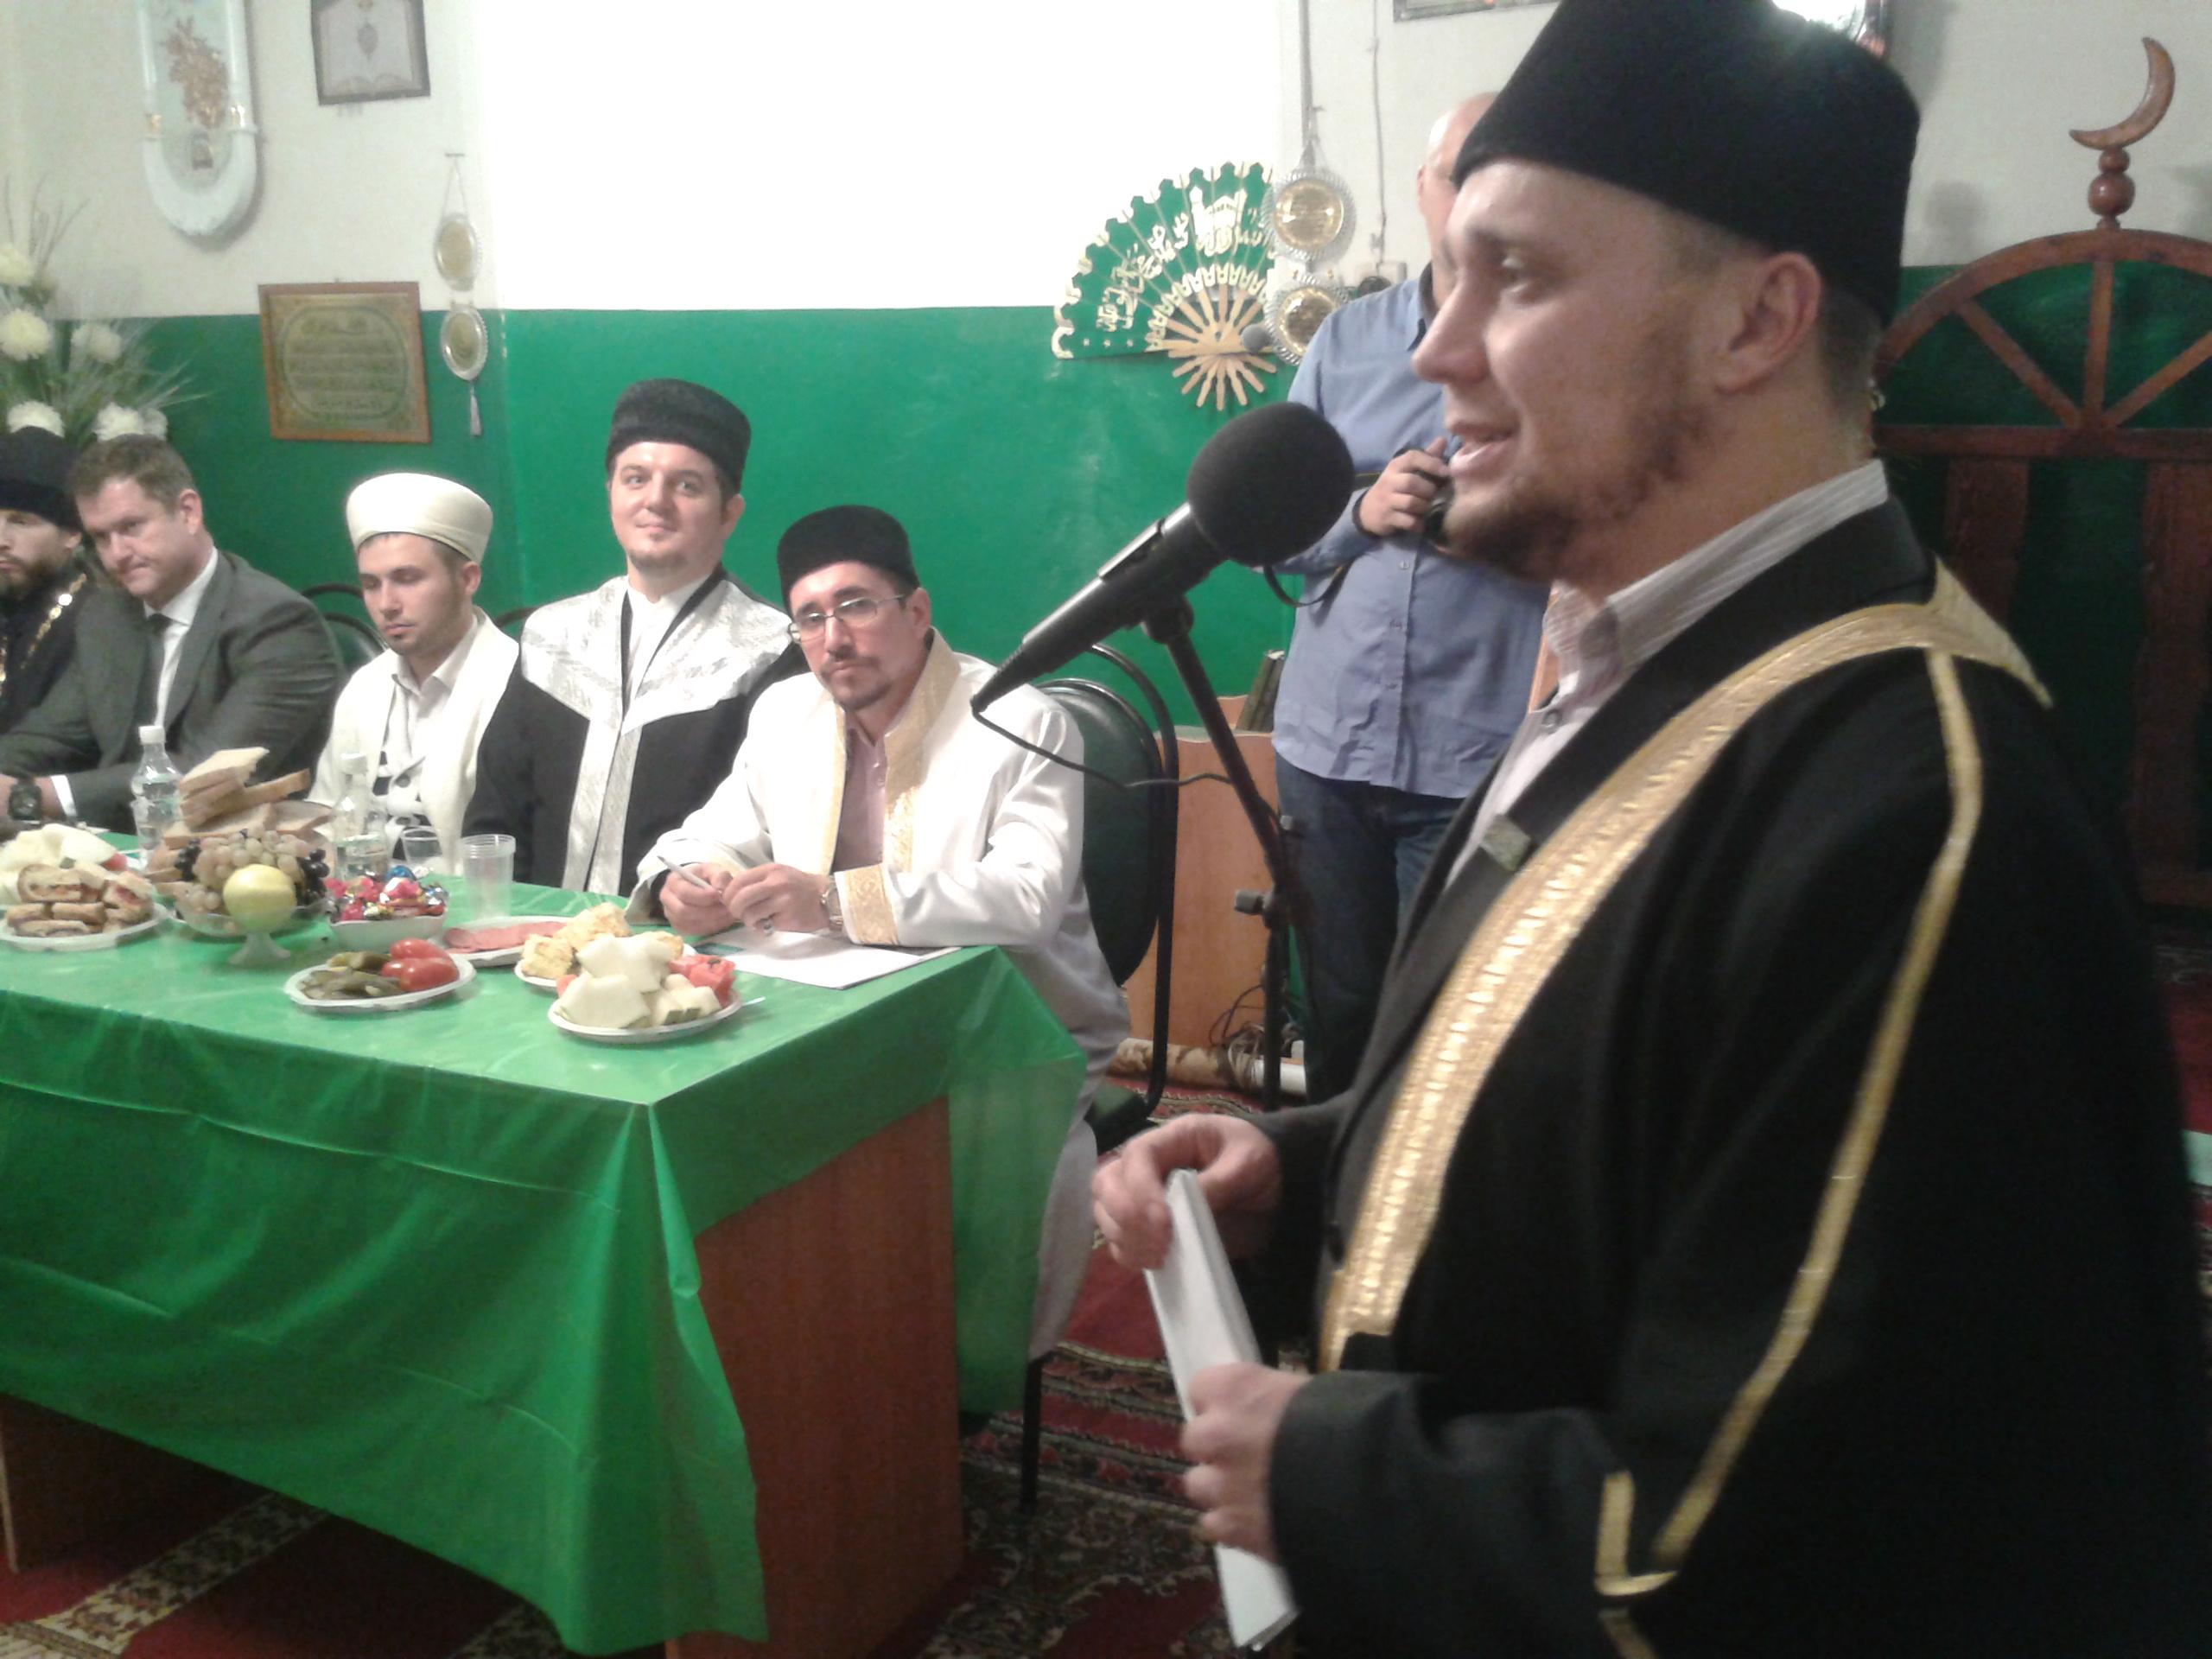 Мечеть города Каменки миновала этап подросткового возраста (Фоторепортаж)